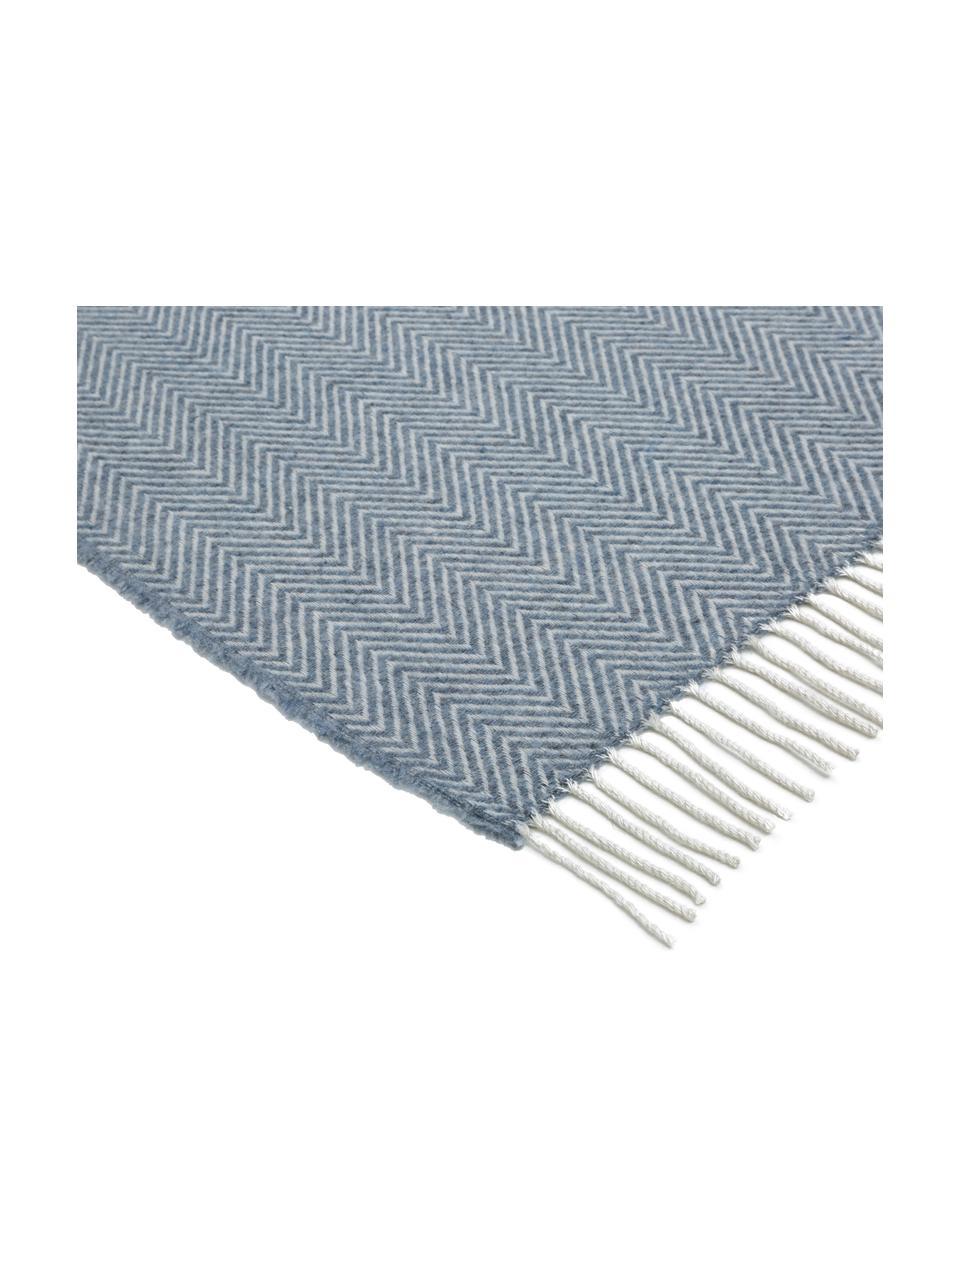 Koc z wełny Aubrey, 80% wełna merino, 20% nylon, Niebieski, złamana biel, S 140 x D 186 cm